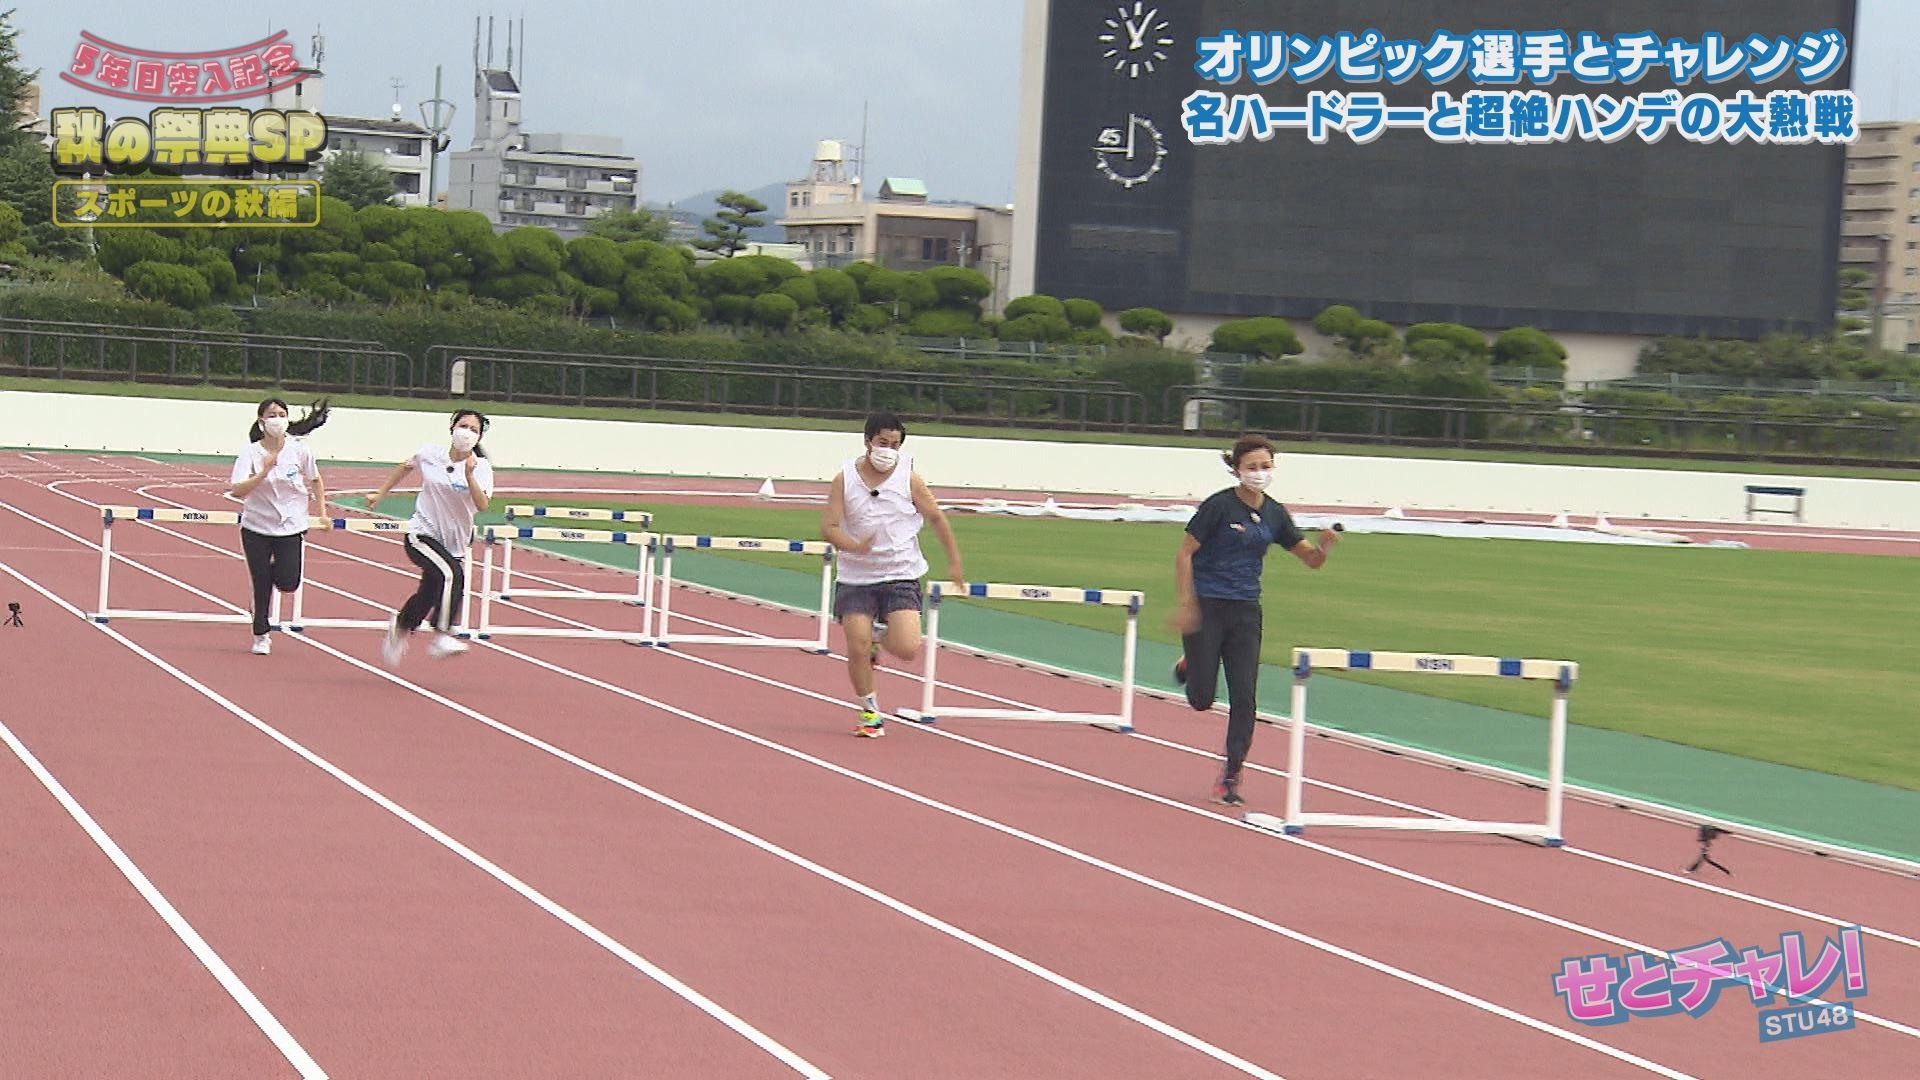 1位木村選手、2位きょん、3位STU48矢野、最下位STU48信濃「超絶ハンデ」むなしく、順位は木村選手が1位、2位きょん(コットン)、3位ほのたん(矢野帆夏)、最下位はそらは(信濃宙花)という結果に。